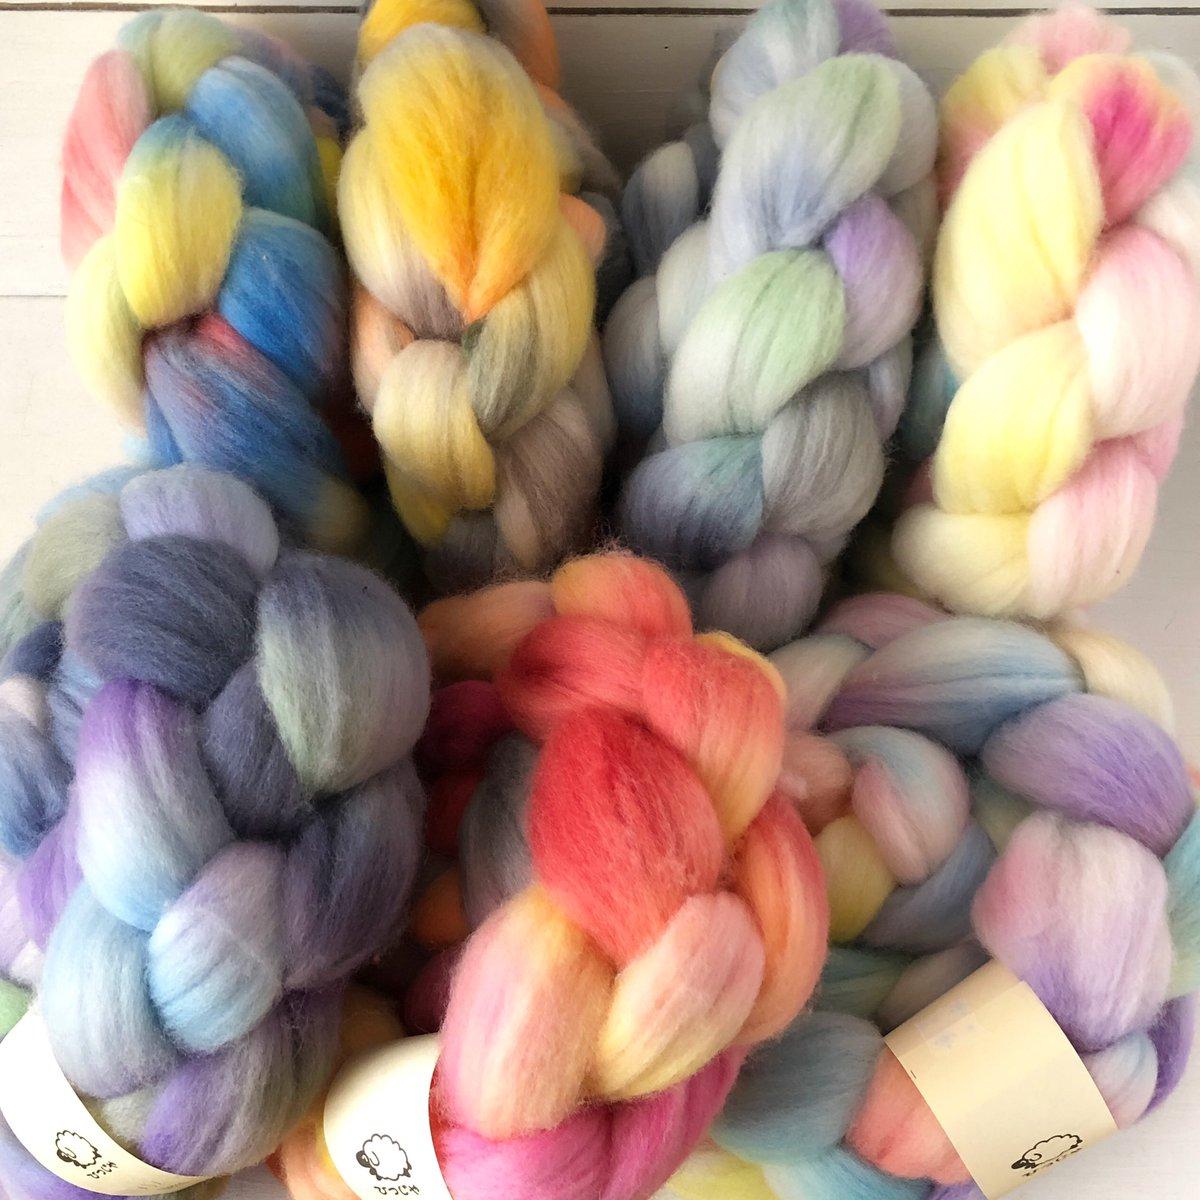 メリノ新色。 最近ようやく、ようやく渋い色も気持ちよく躊躇いなく落とせるようになってきた。精進精進。  撮影してWeb Shopへアップしますが、もし気になる色があればお知らせください。  #hitsujiyajp #ひつじや #merino #メリノ #spinningfiber #手紡ぎ素材 #手染め #手染め羊毛pic.twitter.com/TfCxIaVlmg